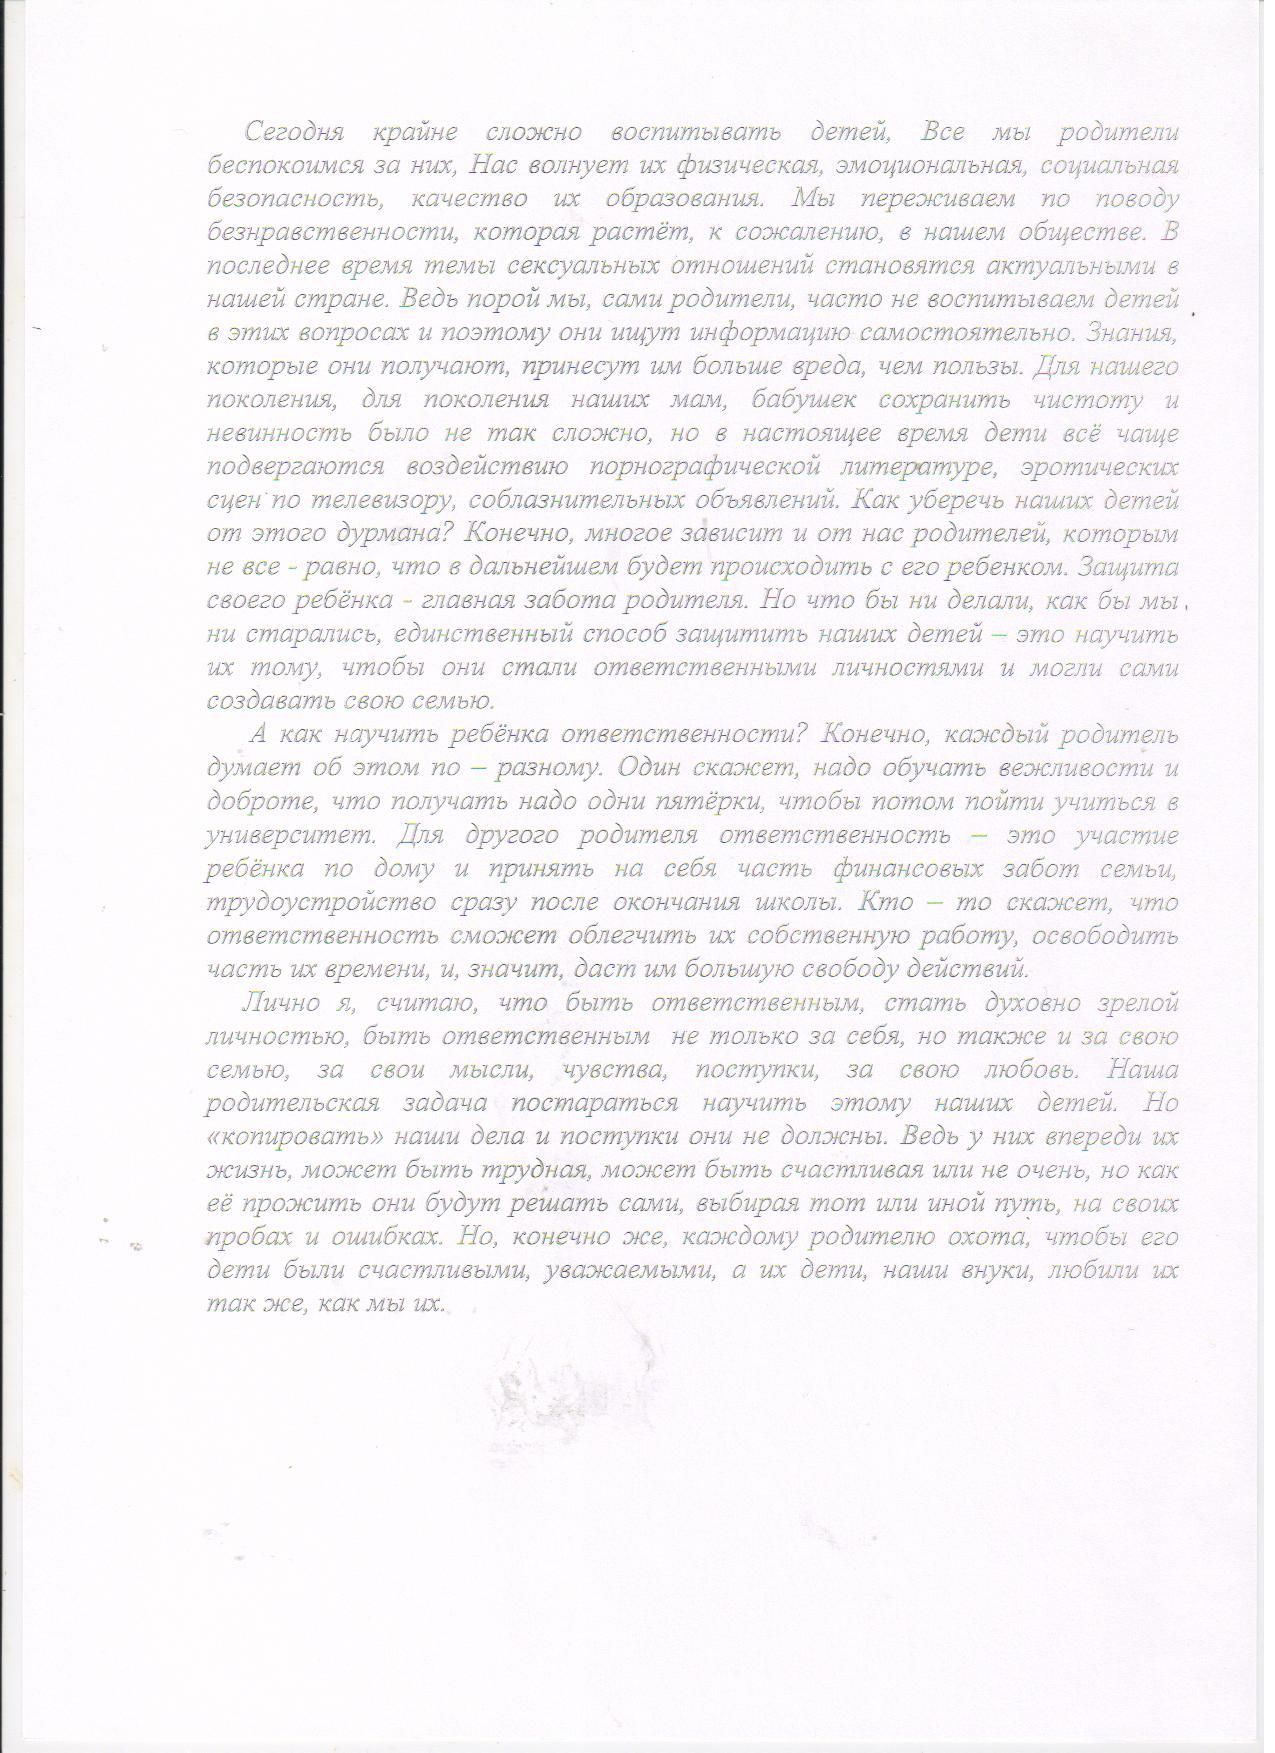 C:\Documents and Settings\Пользователь\Рабочий стол\сканирование\Изображение 034.jpg